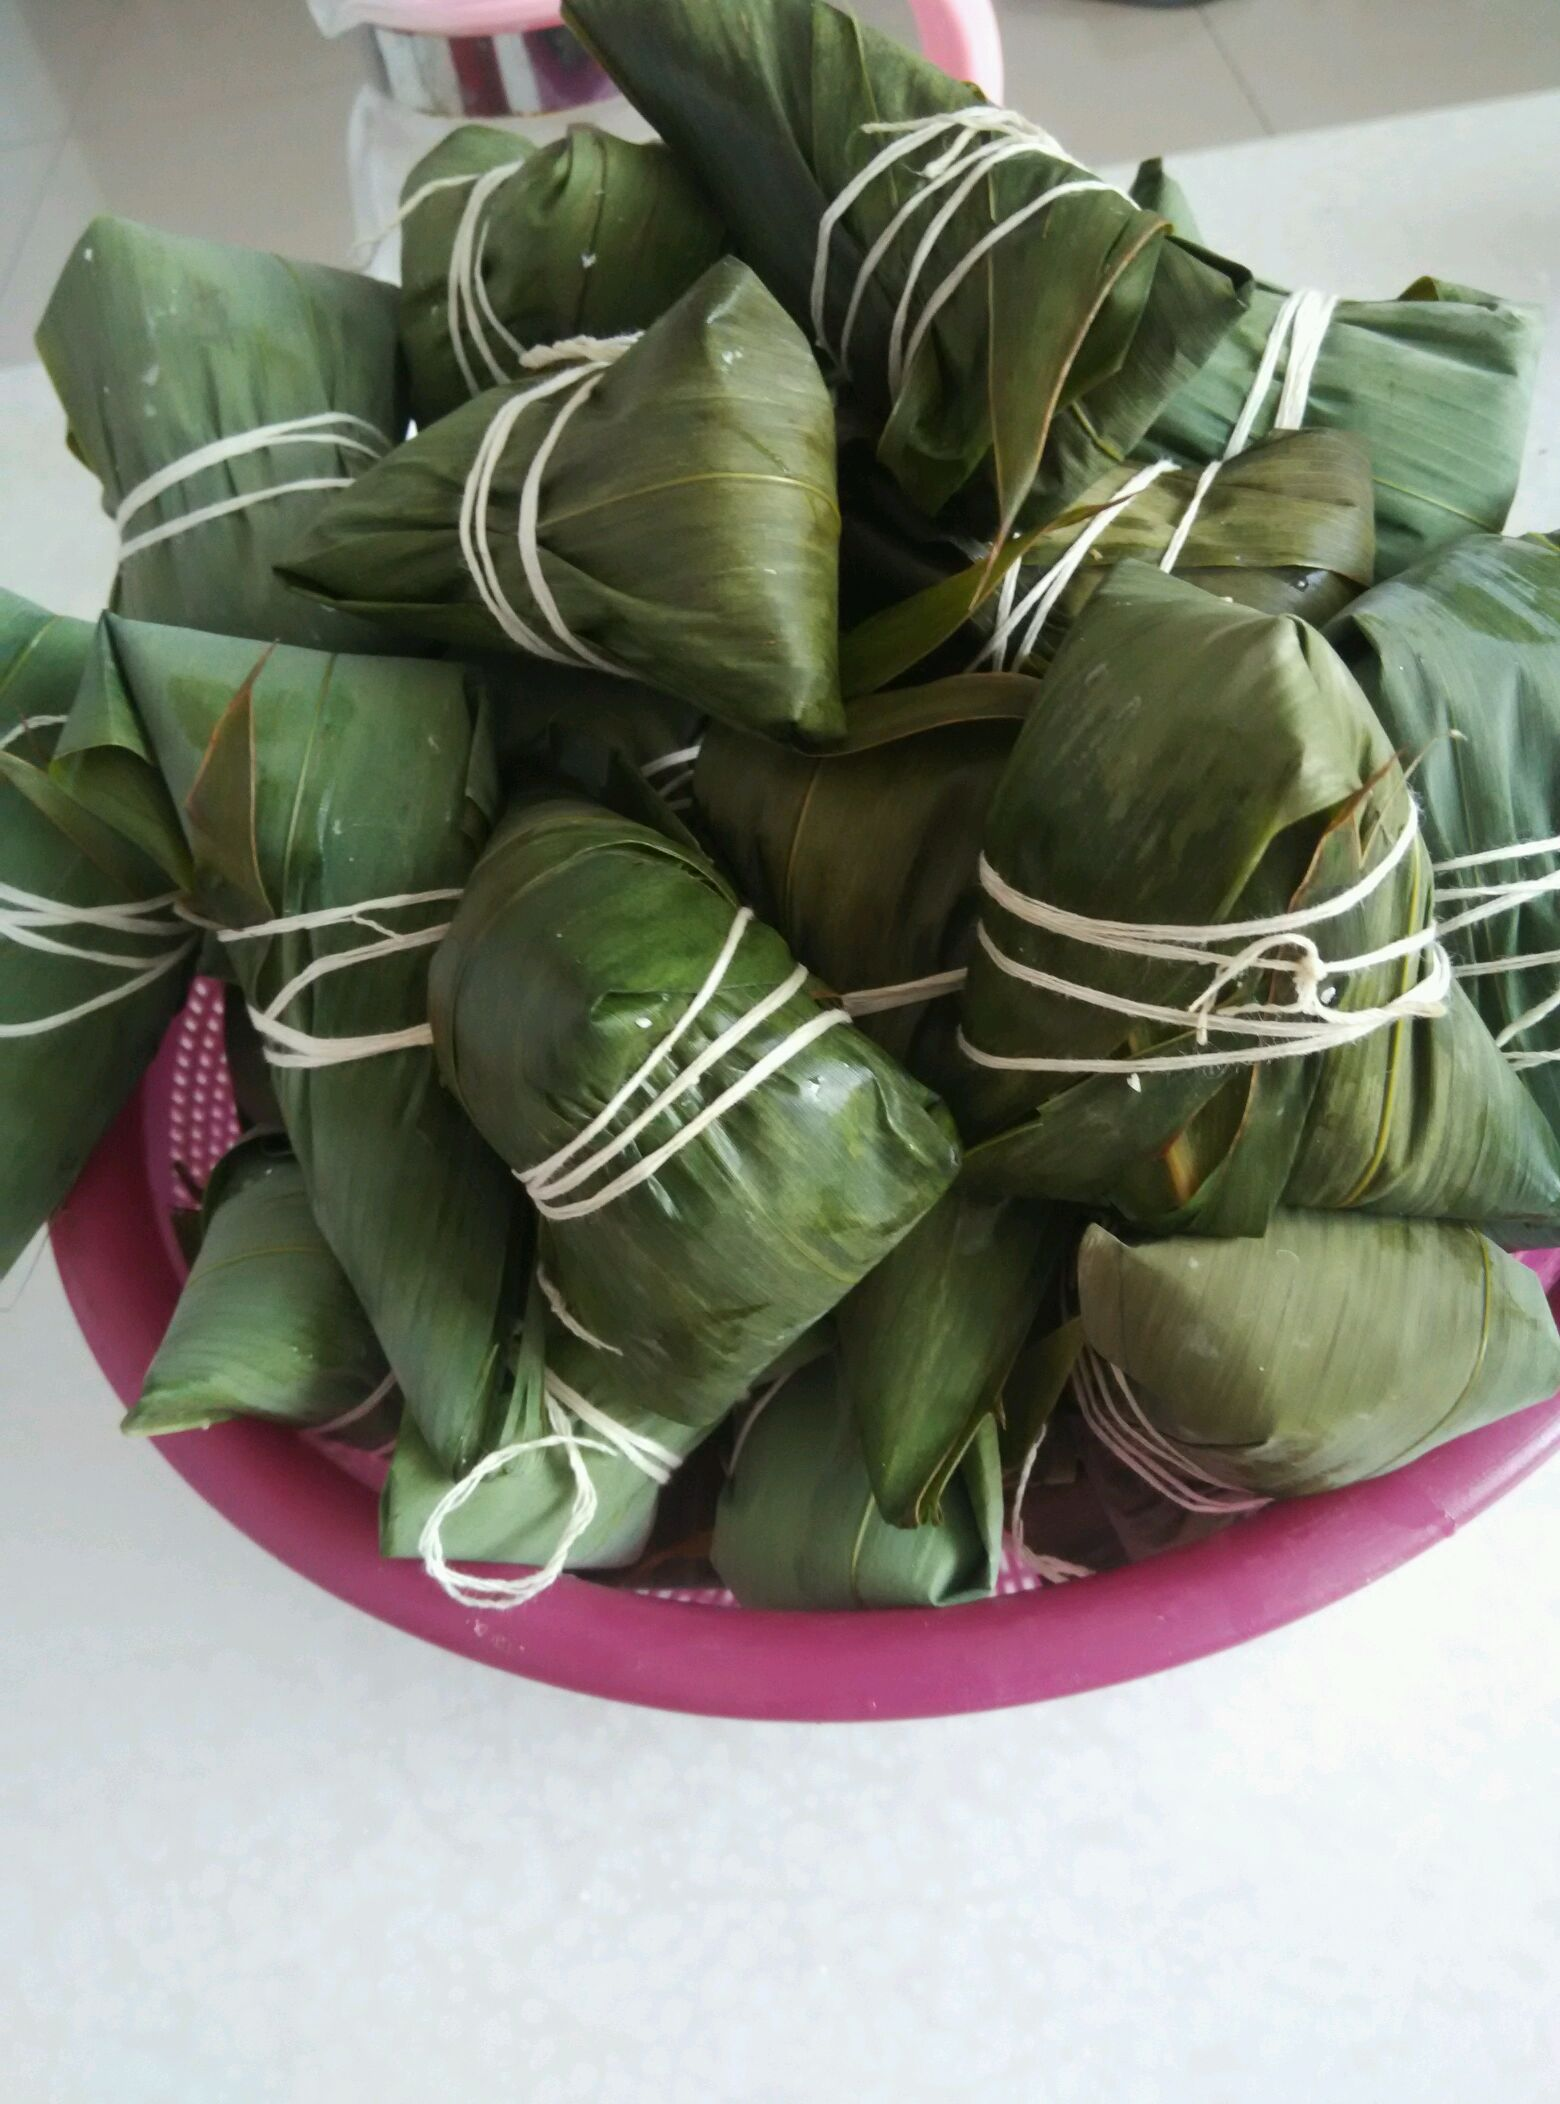 主料 粽夜3包 长粒江米3斤 无核蜜枣半斤 红豆半斤 粽子的做法步骤